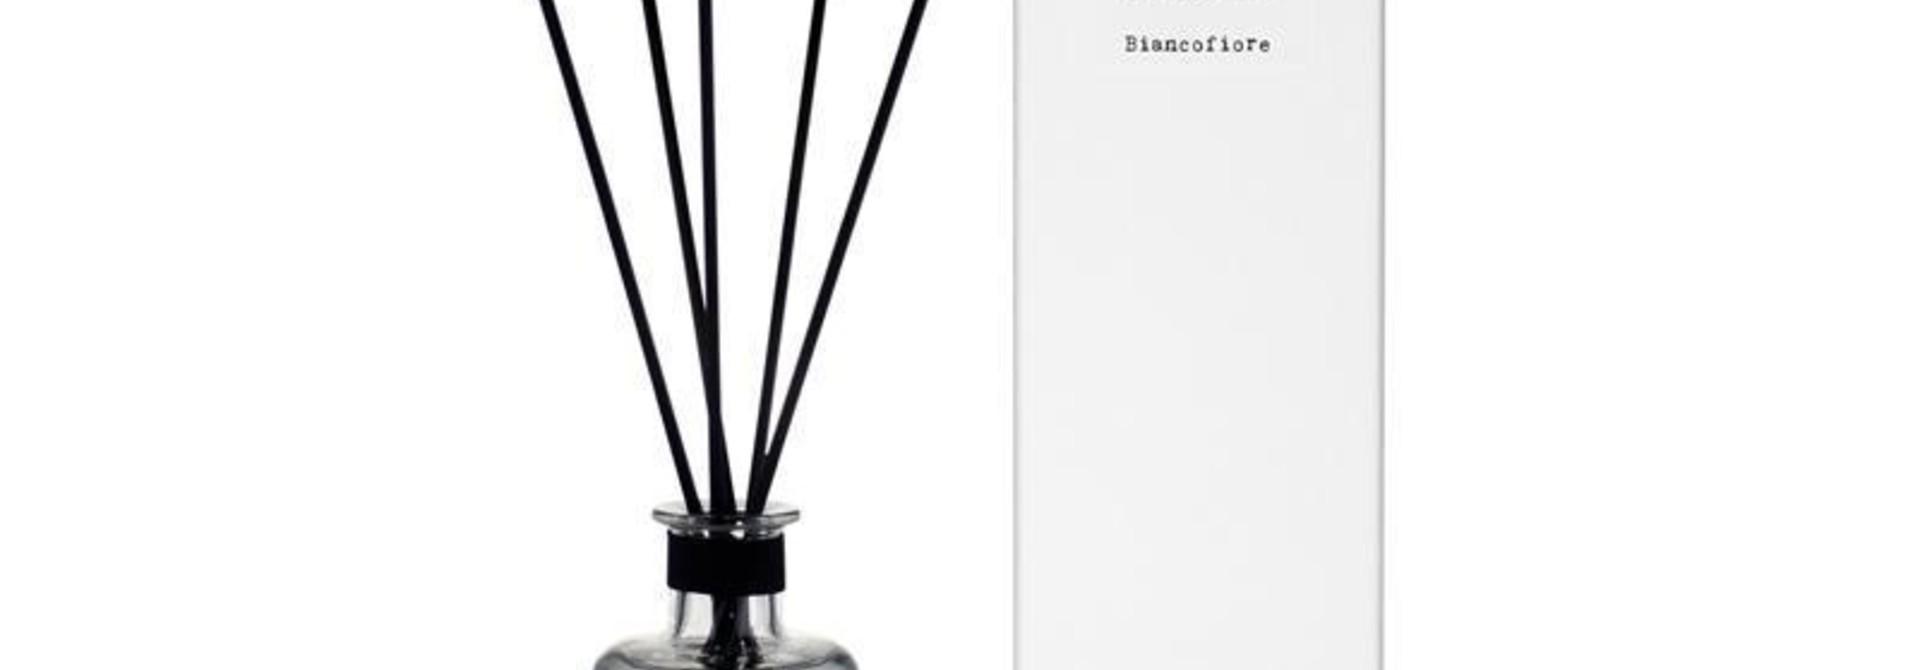 Biancofiore - 200ml Fragrance Diffuser